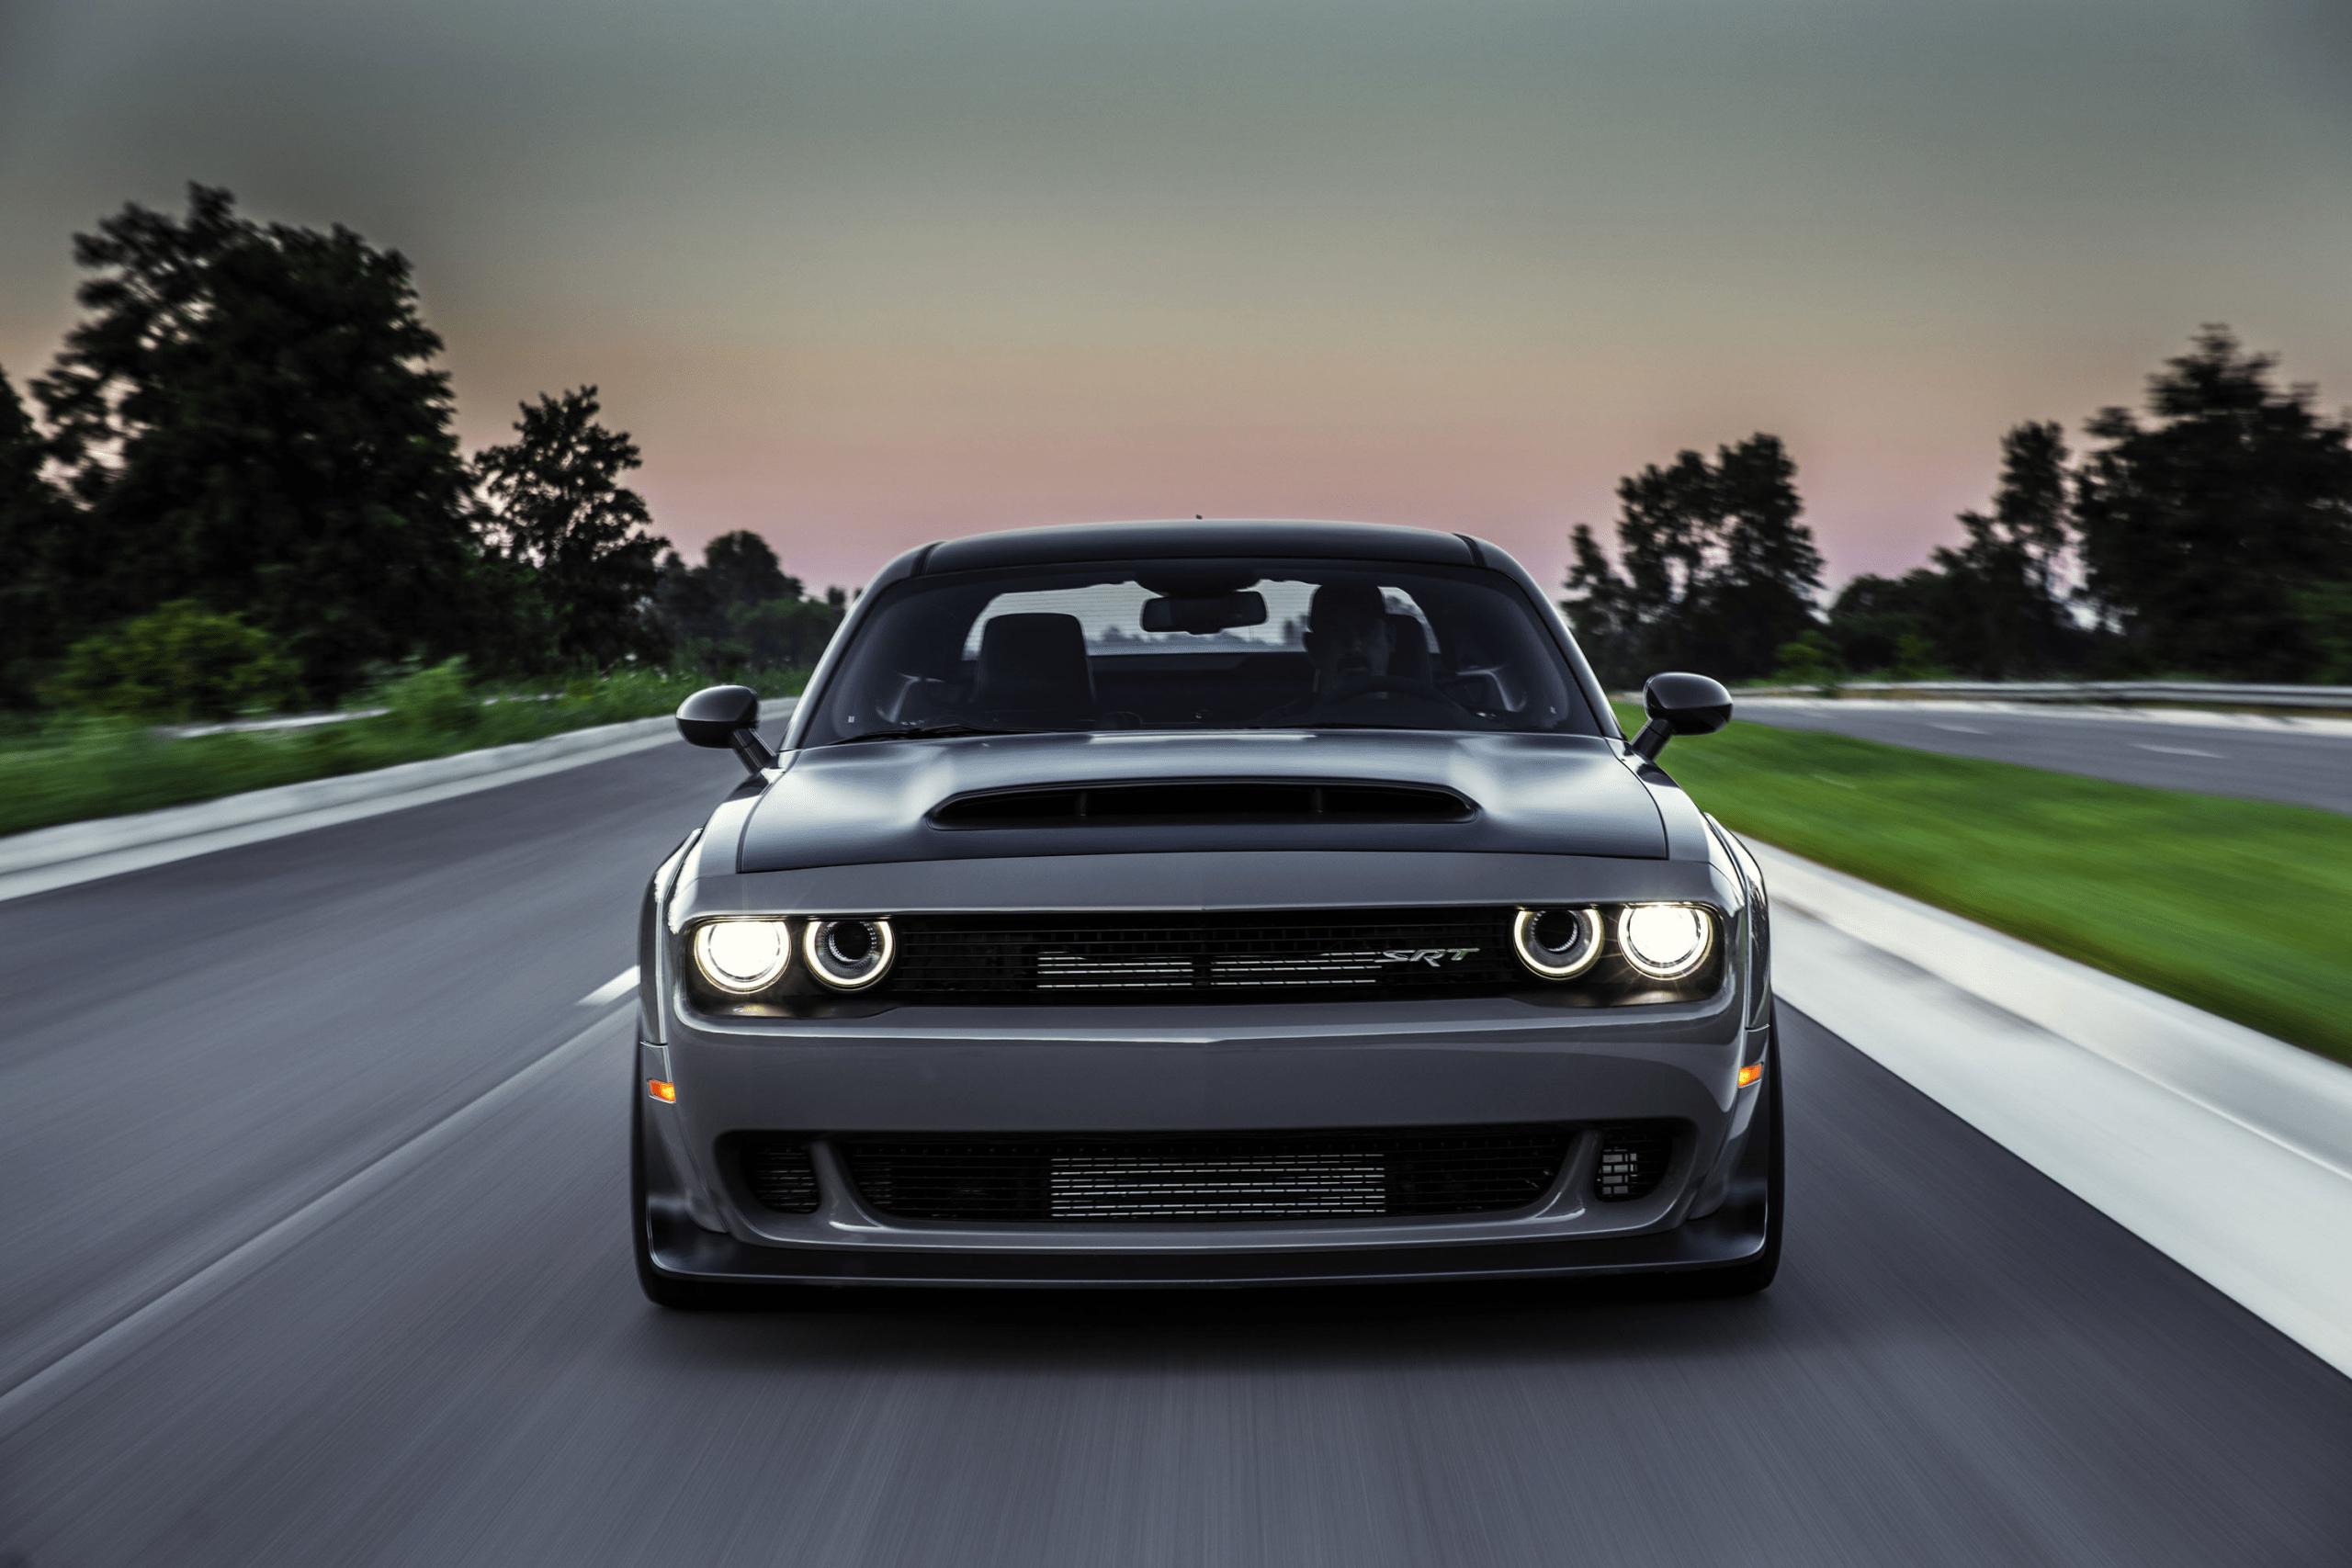 2021 Dodge Dart Srt4 Images